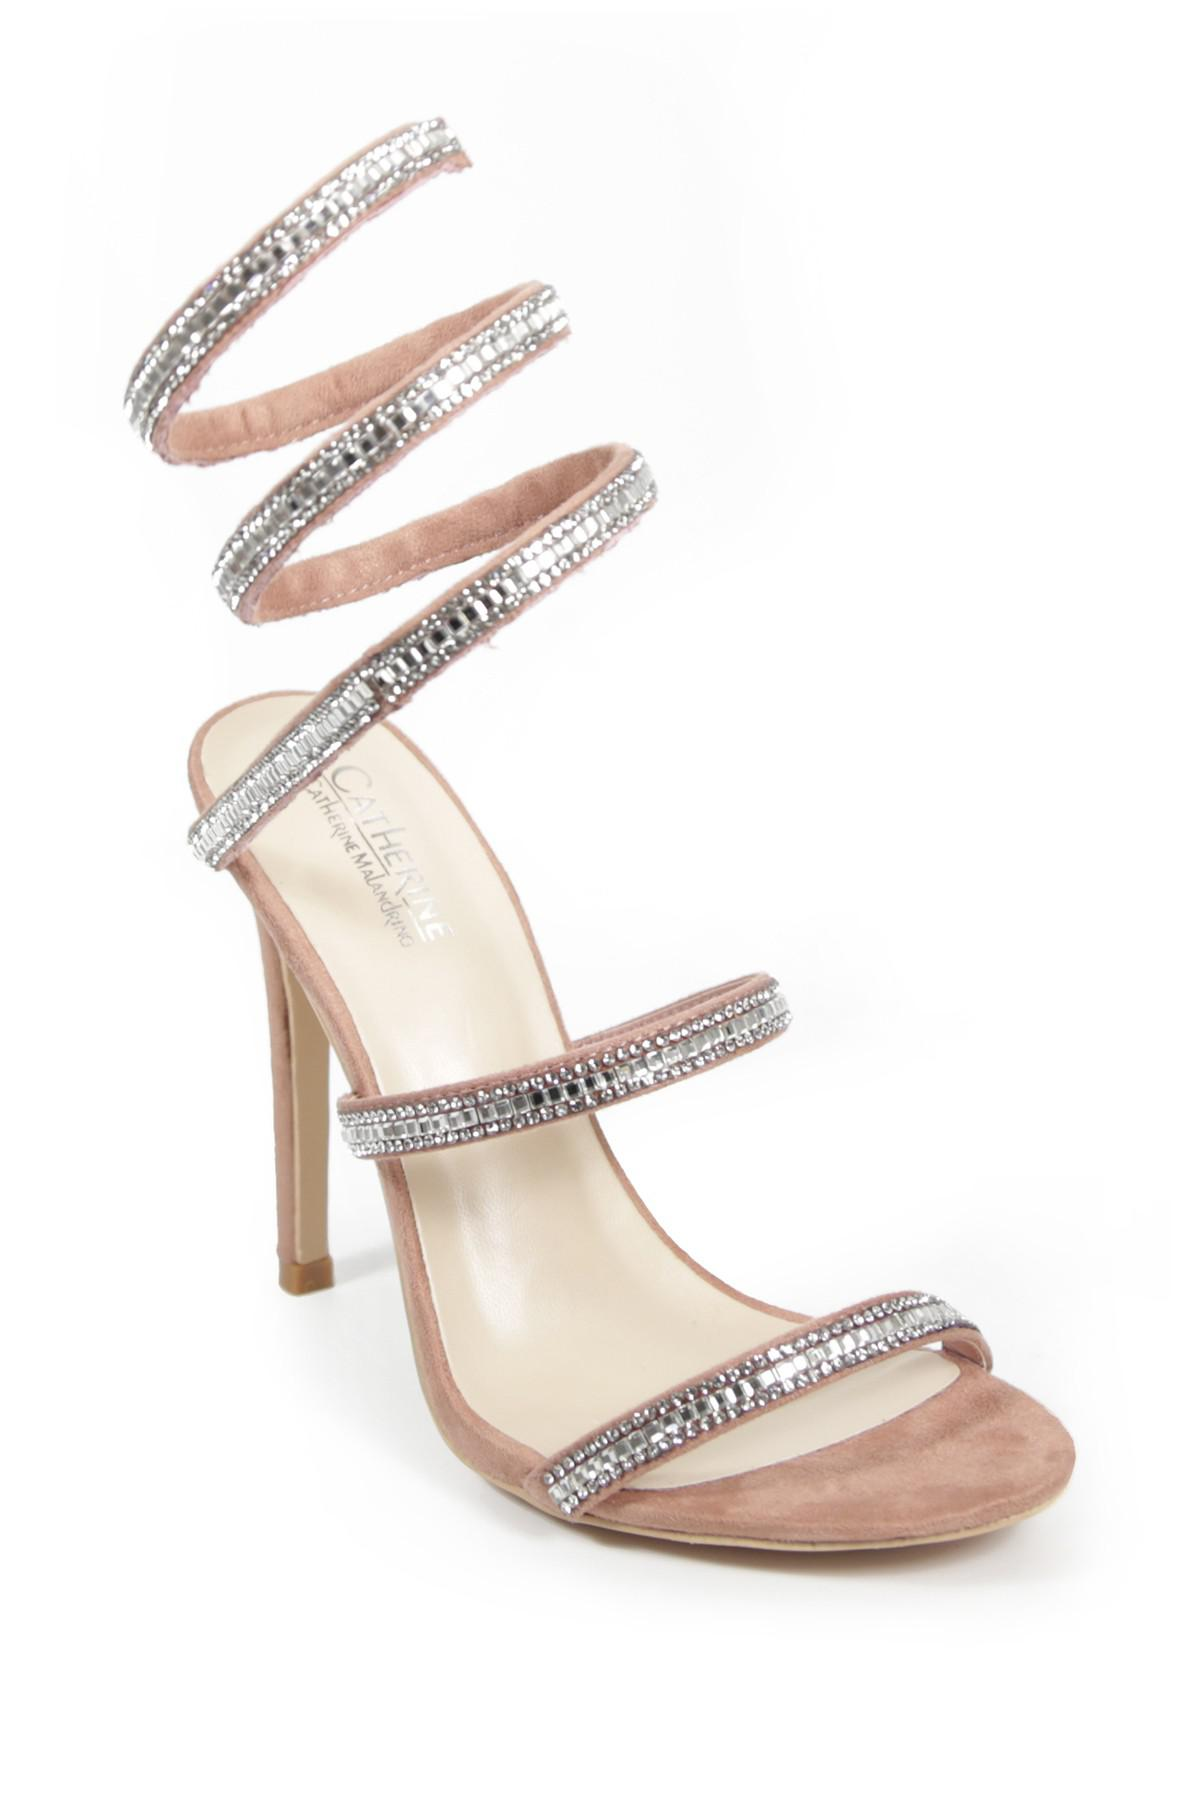 Catherine Catherine Malandrino Click Crystal Embellished Wrapped Stiletto Sandal trX3qK